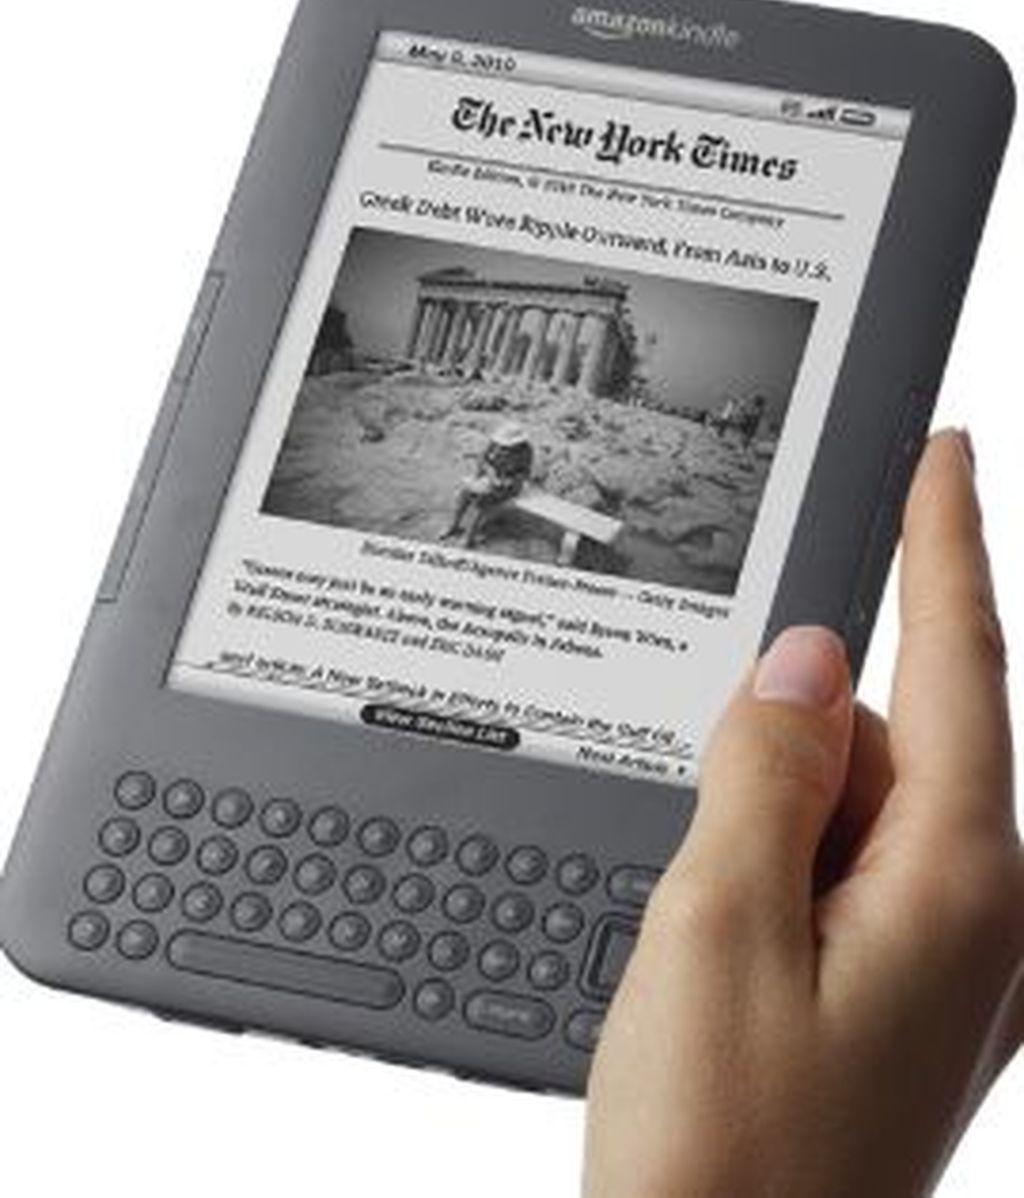 Amazon sacará una versión más económica de su Kindle. El usuario podrá escoger un precio más reducido a cambio de soportar la publicidad . Foto Amazon